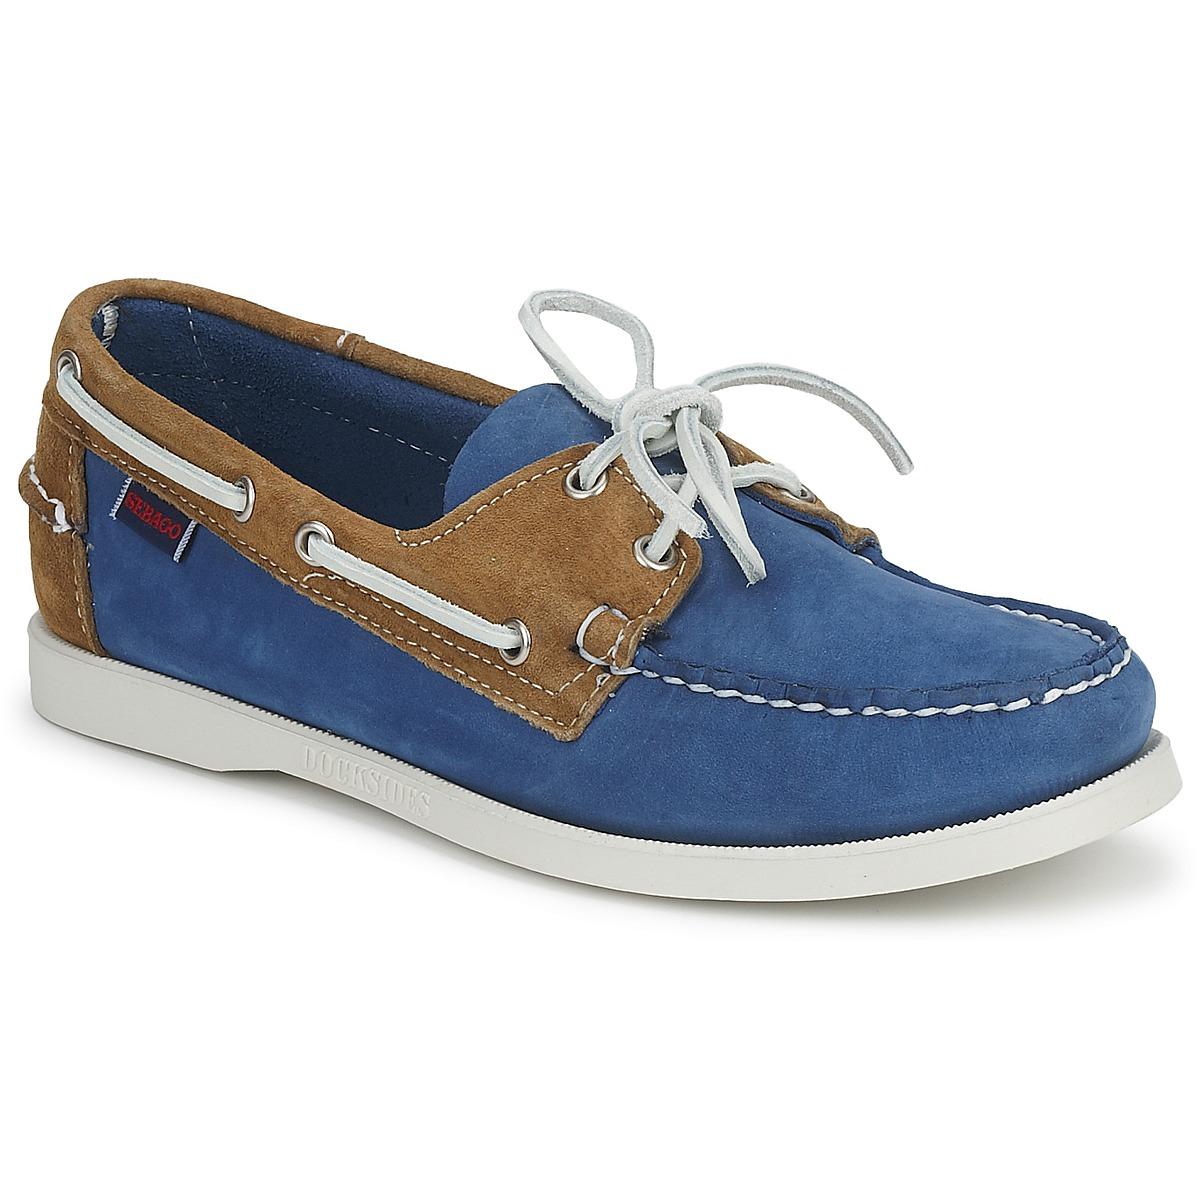 Sebago SPINNAKER - Boat shoes - blue/sand